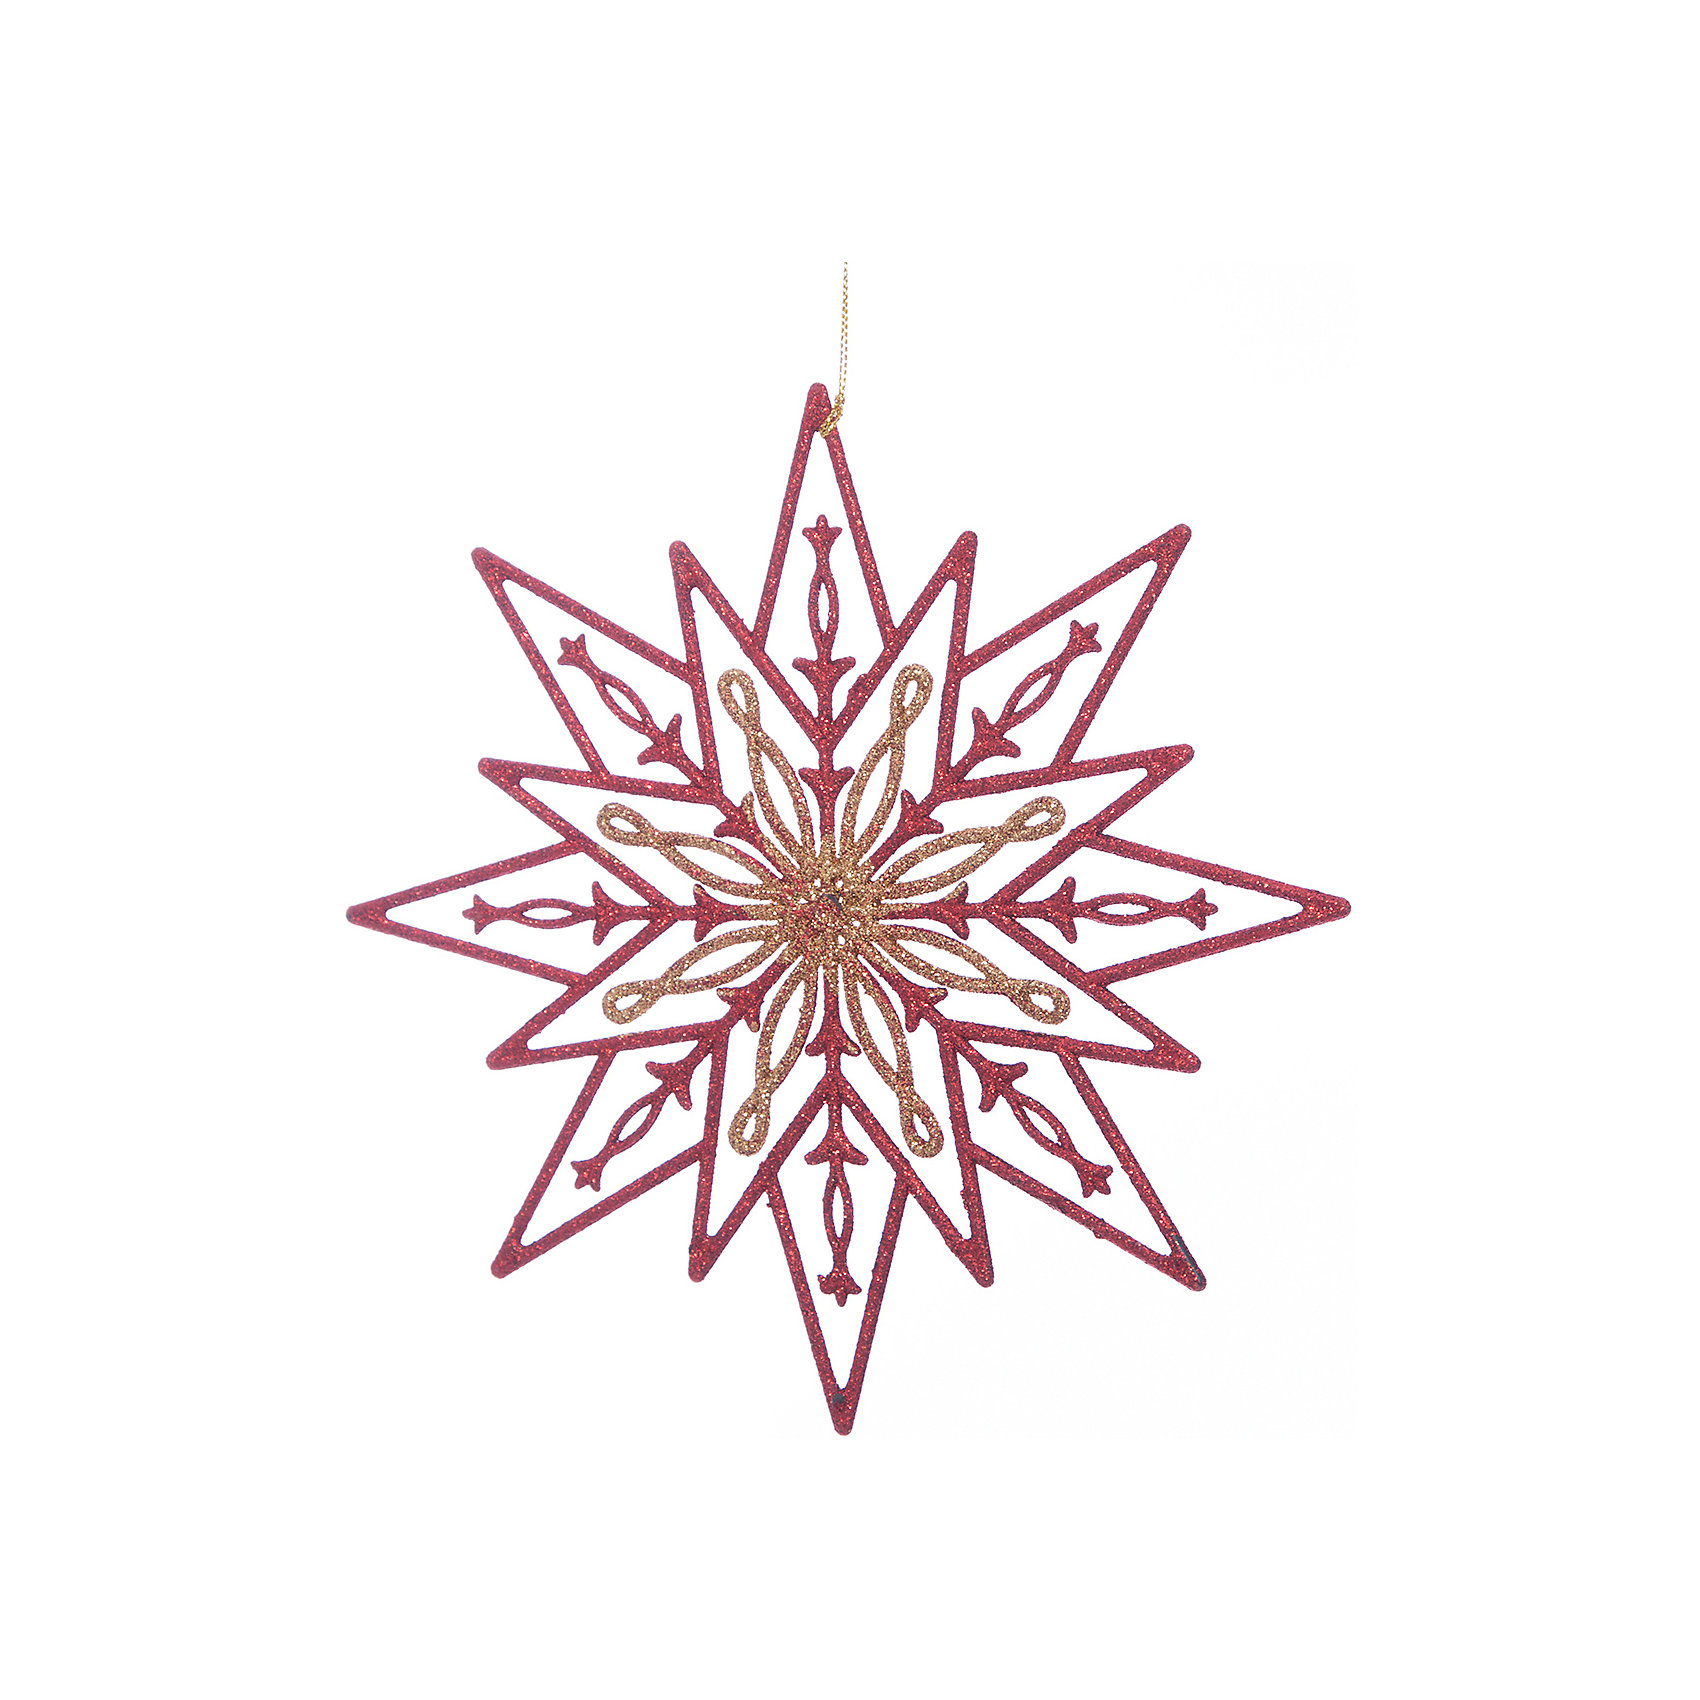 Украшение Золотая с красным снежинкаЁлочные игрушки<br>Новый год - самый любимый праздник у многих детей и взрослых. Праздничное настроение создает в первую очередь украшенный дом и, особенно, наряженная ёлка. Будь она из леса или искусственная - такая подвесная игрушка украсит любую!<br>Она сделана из безопасного для детей, прочного, но легкого, материала, поэтому не разобьется, упав на пол. Благодаря расцветке украшение отлично смотрится на ёлке. Создайте с ним праздничное настроение себе и близким!<br><br>Дополнительная информация:<br><br>цвет: красный, золотой;<br>материал: полипропилен;<br>размер: 24 см.<br><br>Украшение Золотая с красным снежинка можно купить в нашем магазине.<br><br>Ширина мм: 240<br>Глубина мм: 120<br>Высота мм: 60<br>Вес г: 280<br>Возраст от месяцев: 36<br>Возраст до месяцев: 2147483647<br>Пол: Унисекс<br>Возраст: Детский<br>SKU: 4981342